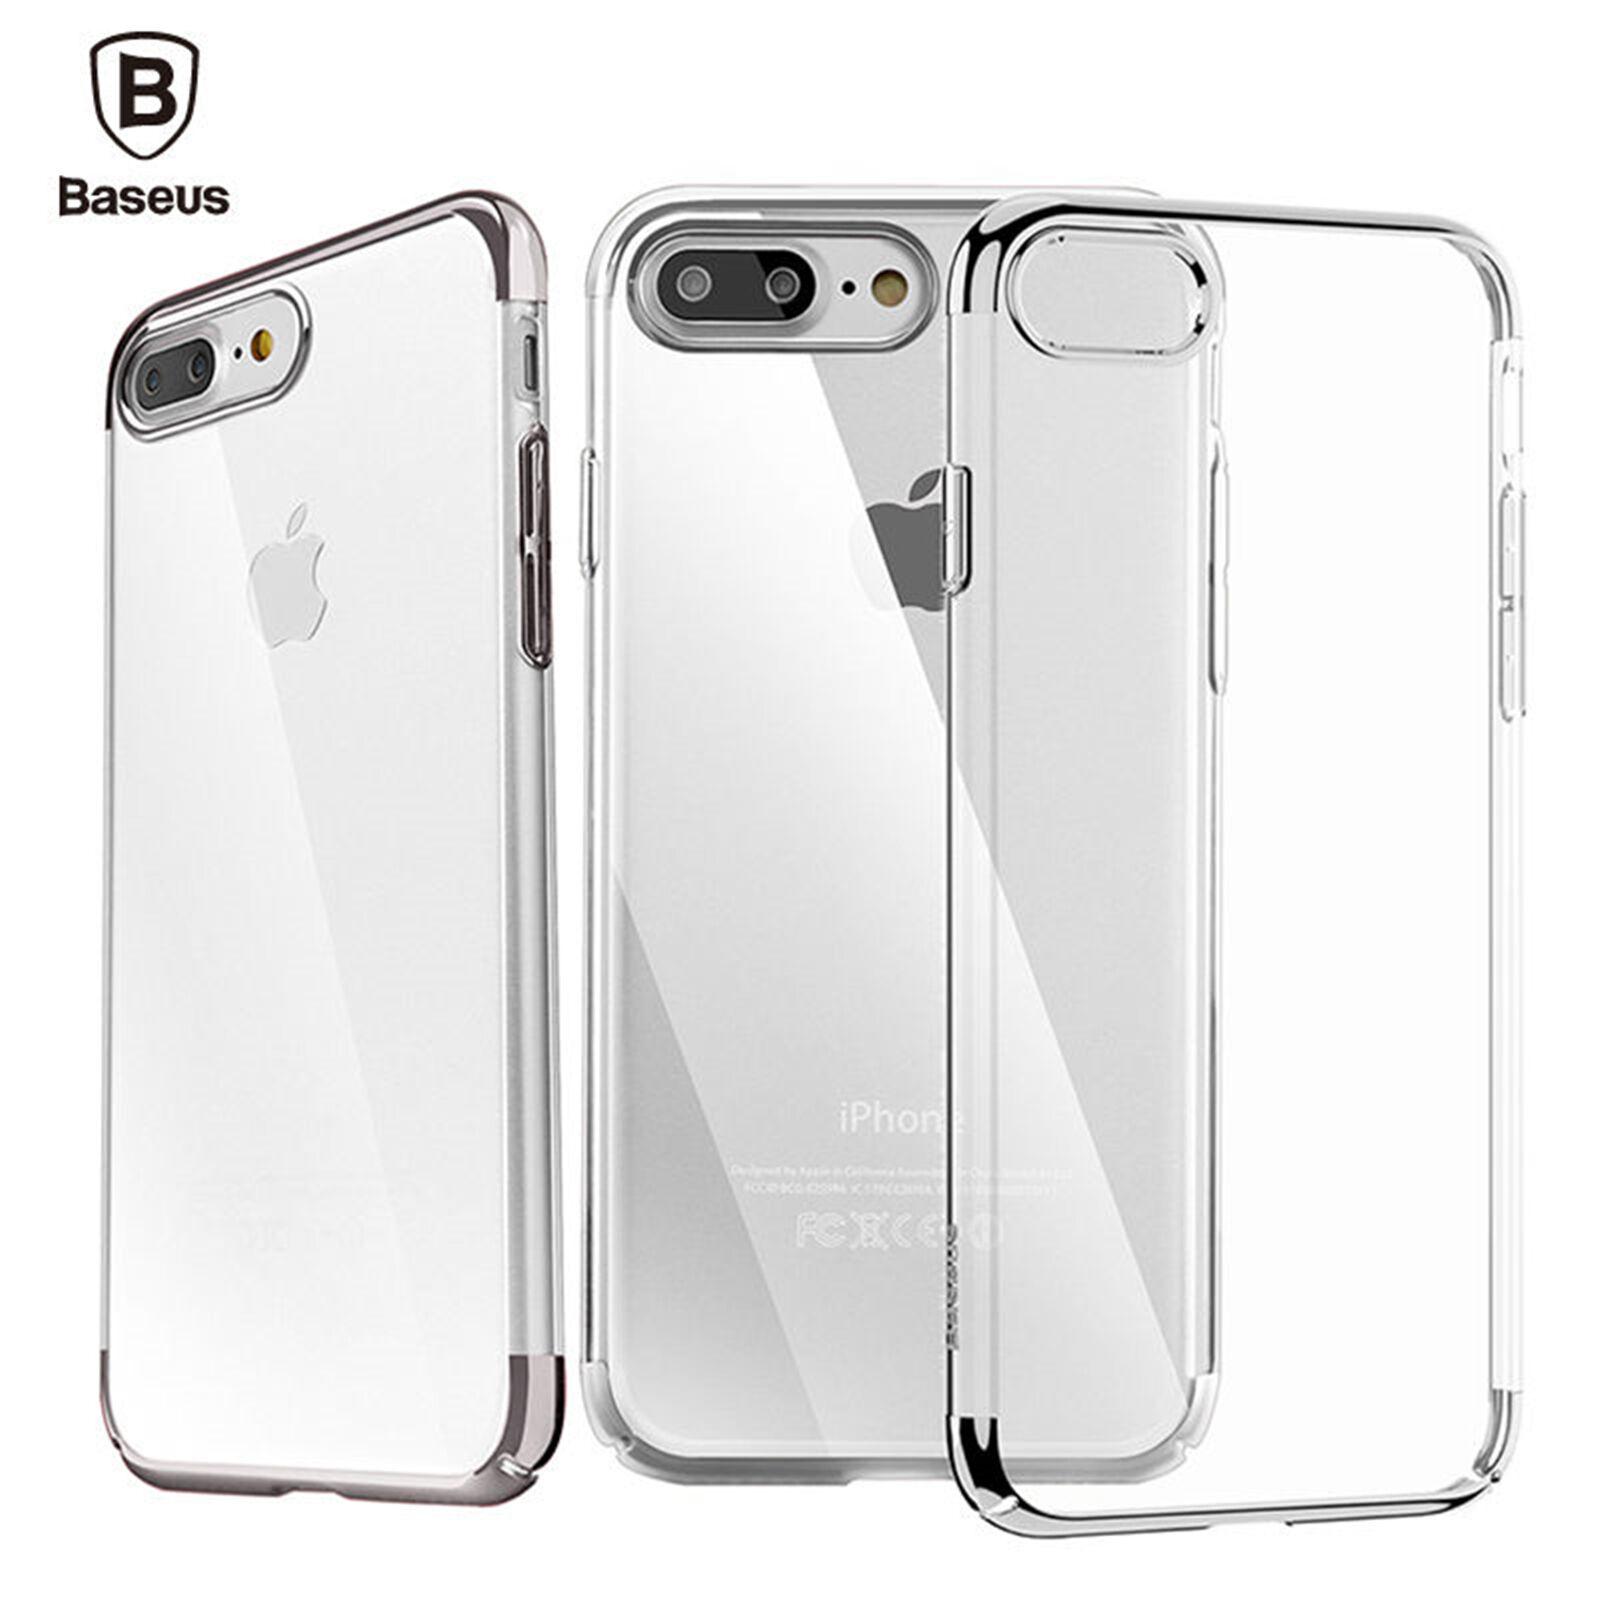 Novo! Ultra Slim Anti-impacto Case Para Iphone 7 E 7 Plus ...